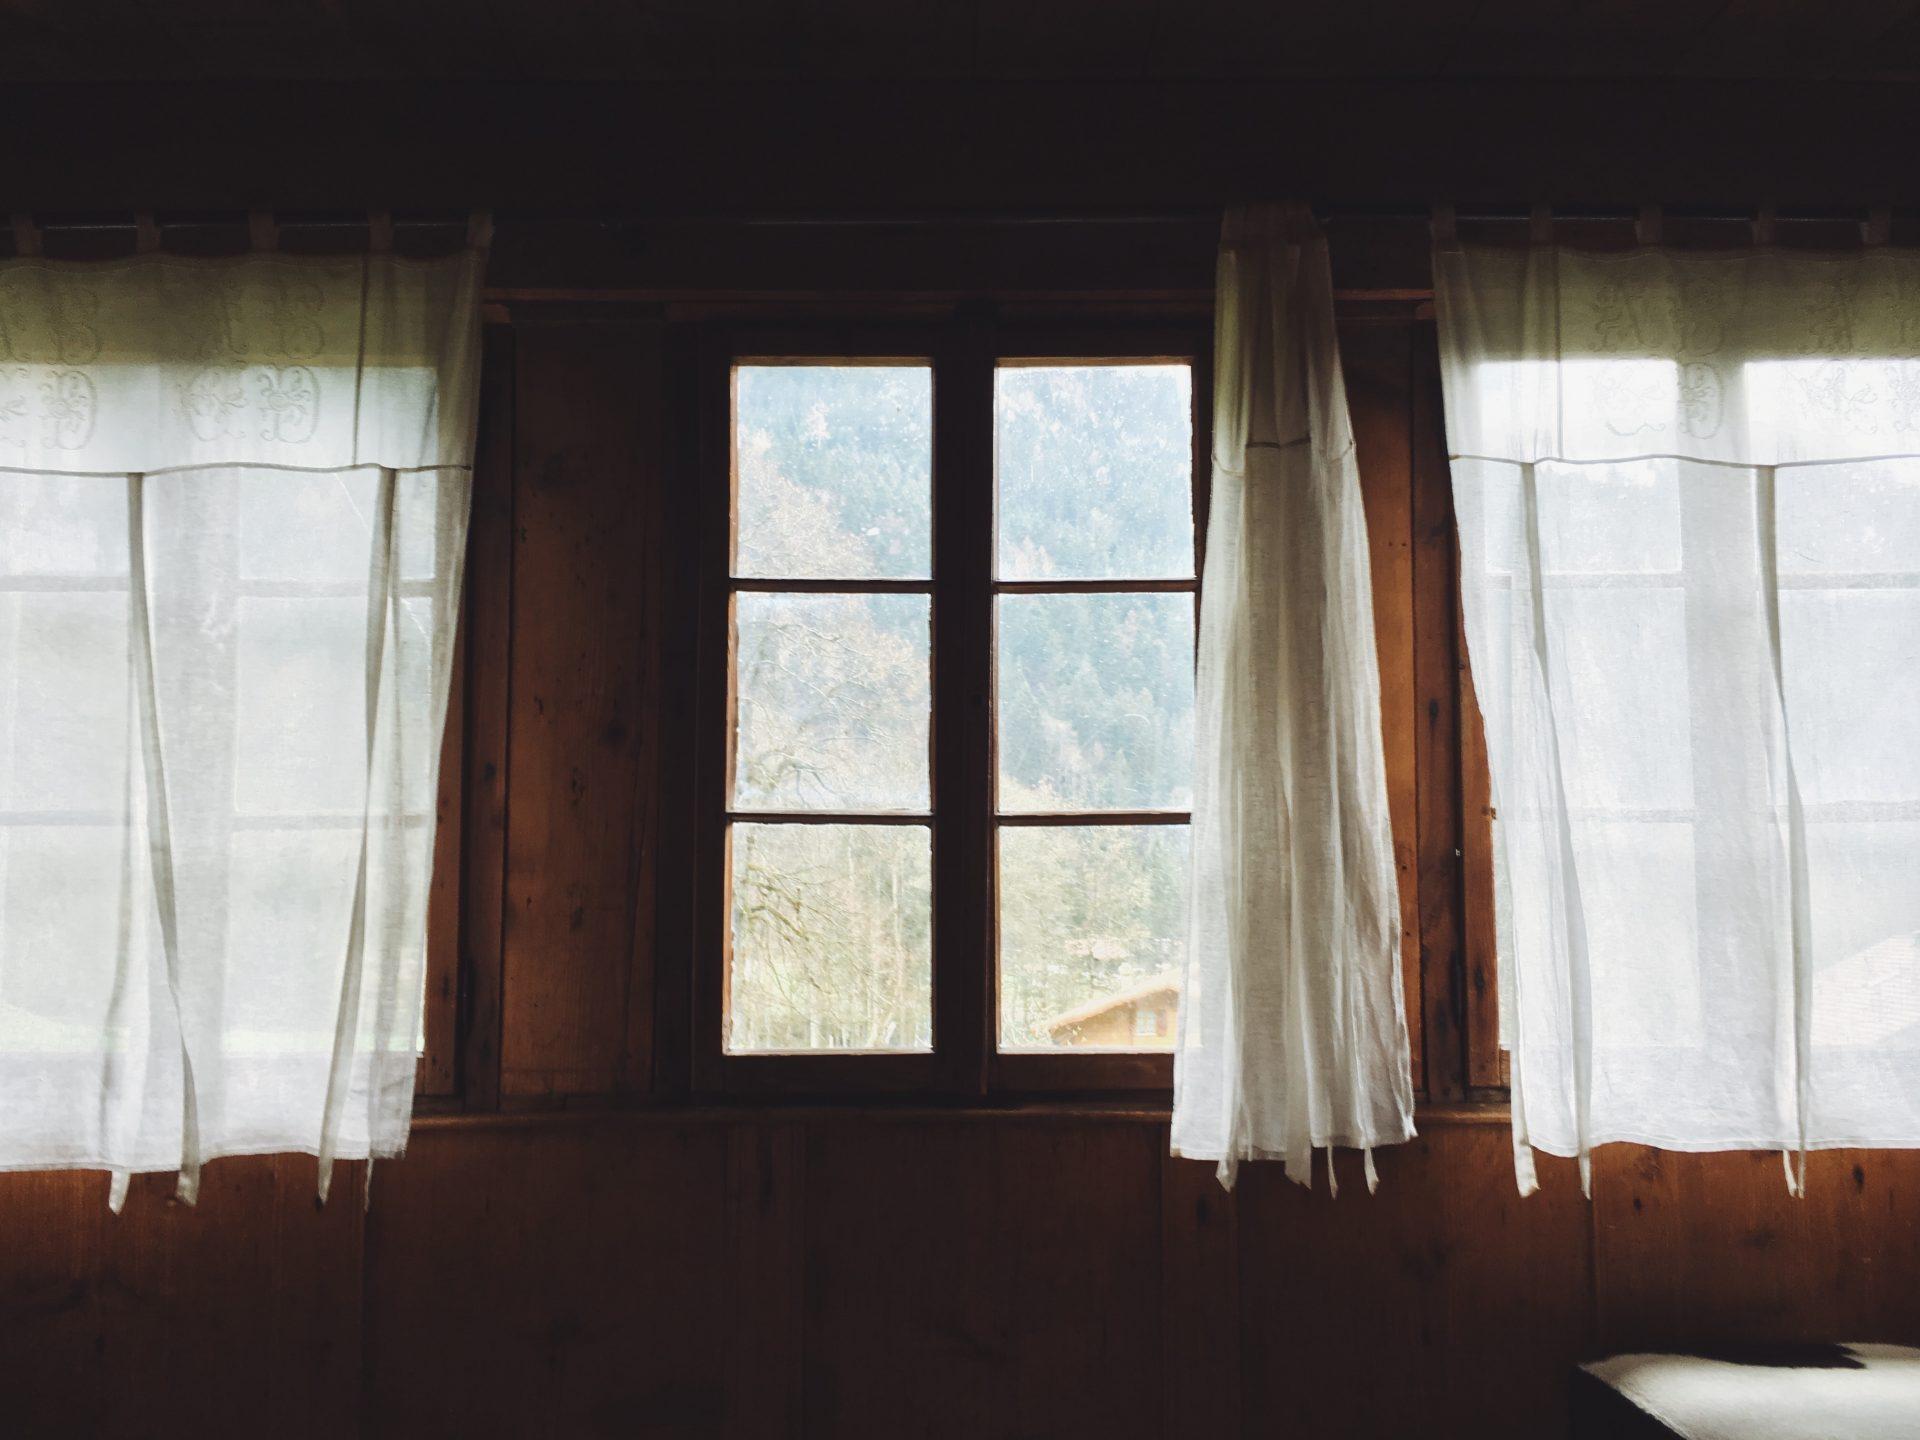 dreveny-obklad-vyhlad-les-zavesy-okno